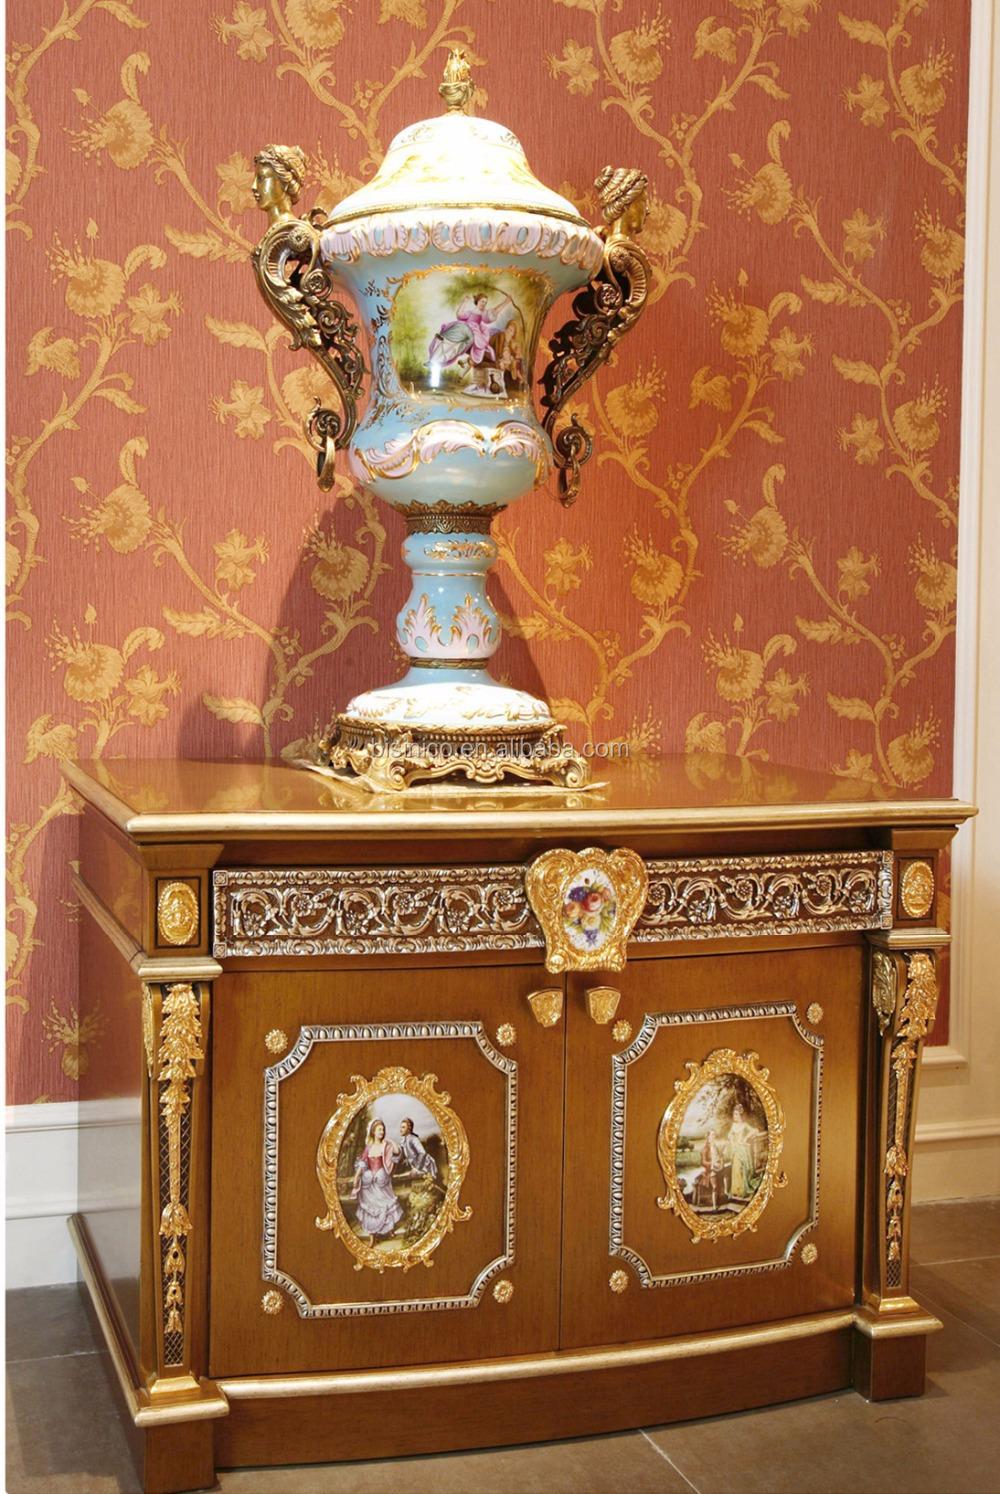 Style rococo français or lit king size / fantastique royal laiton ...